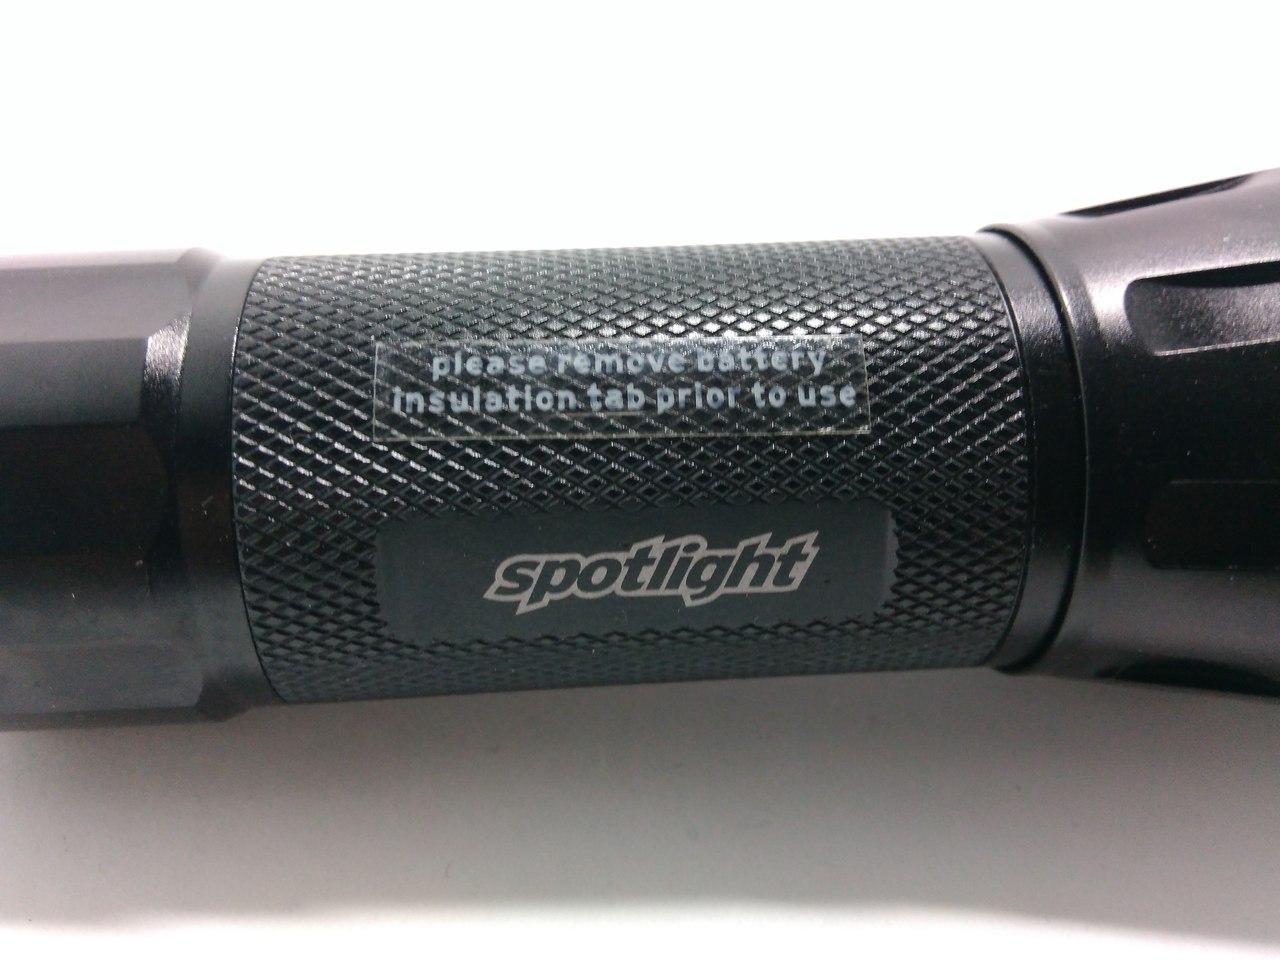 Другие - Китай: Shifter 4.0 - самый мощный фонарик у Spotlight